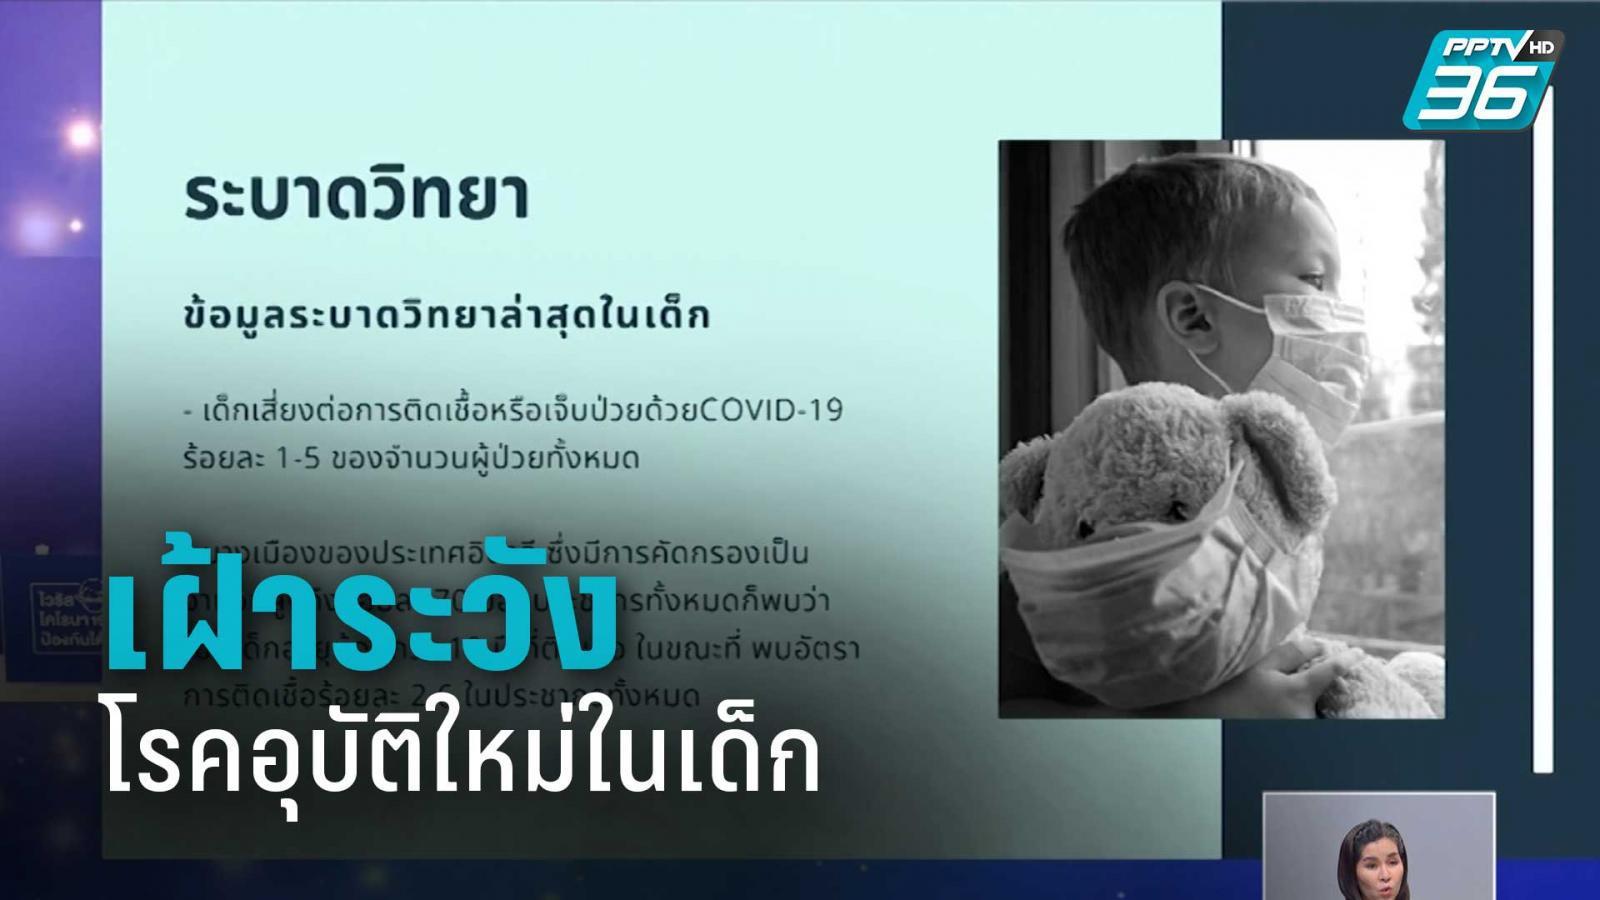 WHO สั่งเฝ้าระวังใกล้ชิด MISC โรคอุบัติใหม่ในเด็ก